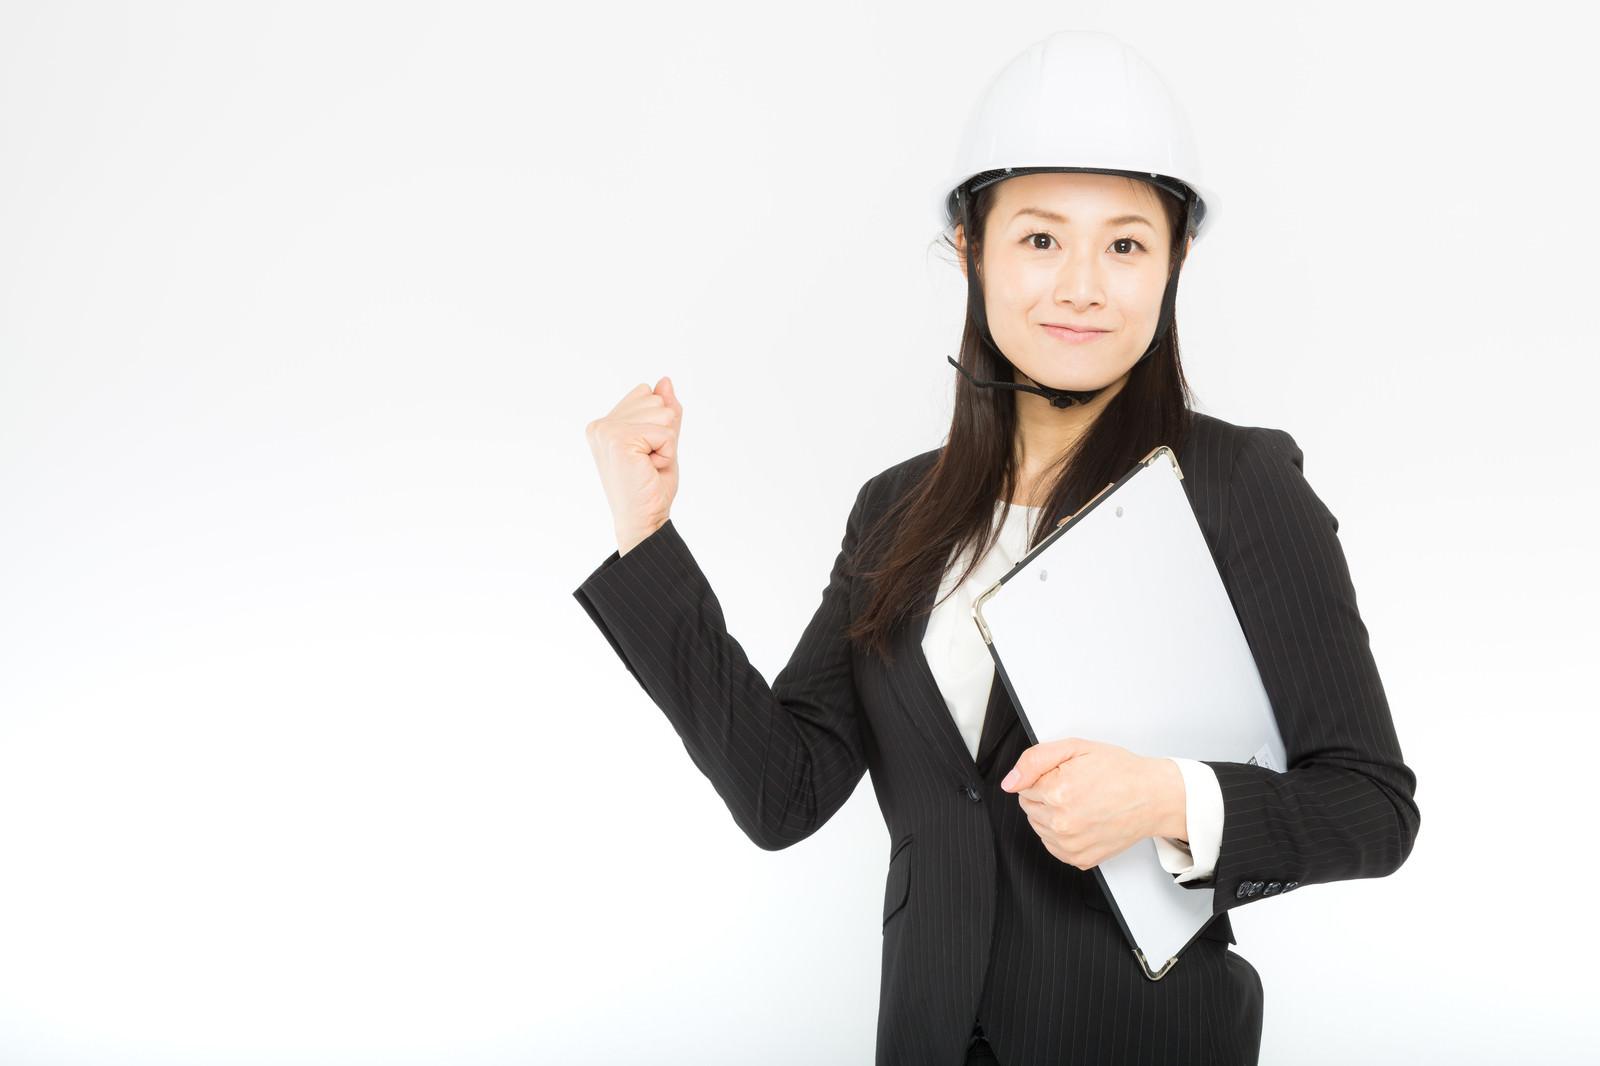 「現場で作業を行う背広組(女性)」の写真[モデル:土本寛子]